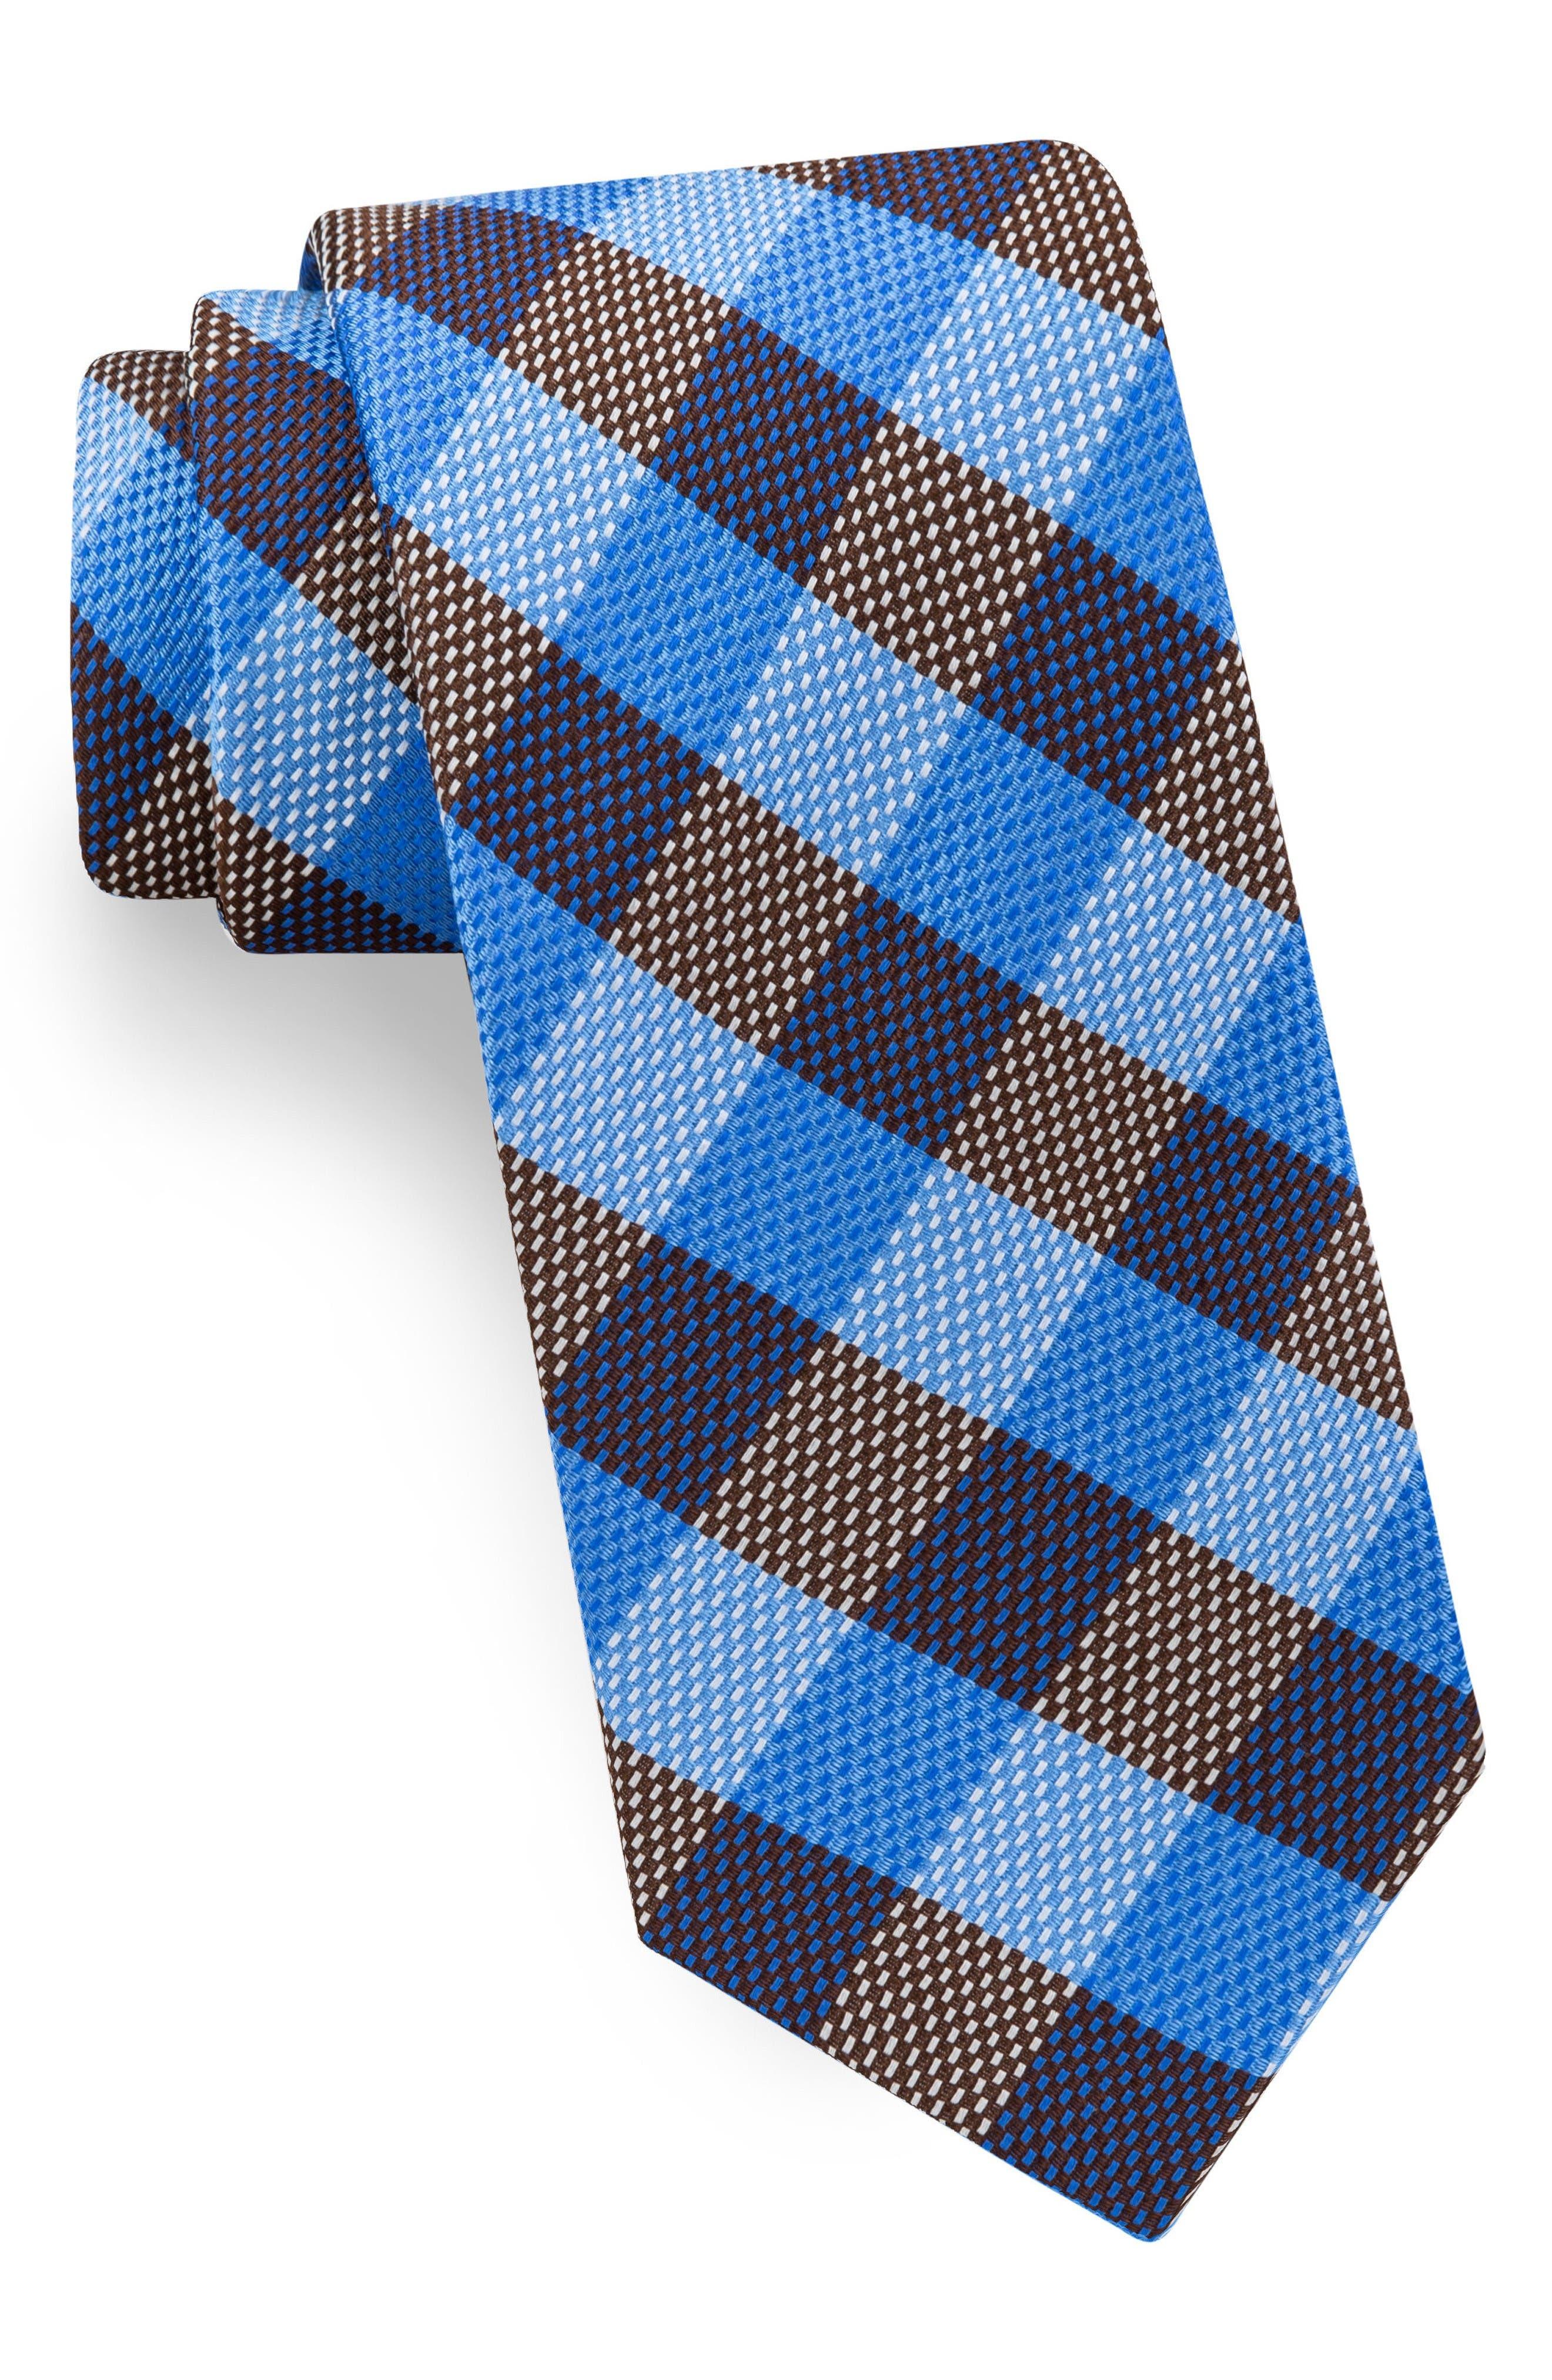 Derby Check Silk Tie,                         Main,                         color, Blue/ Brown